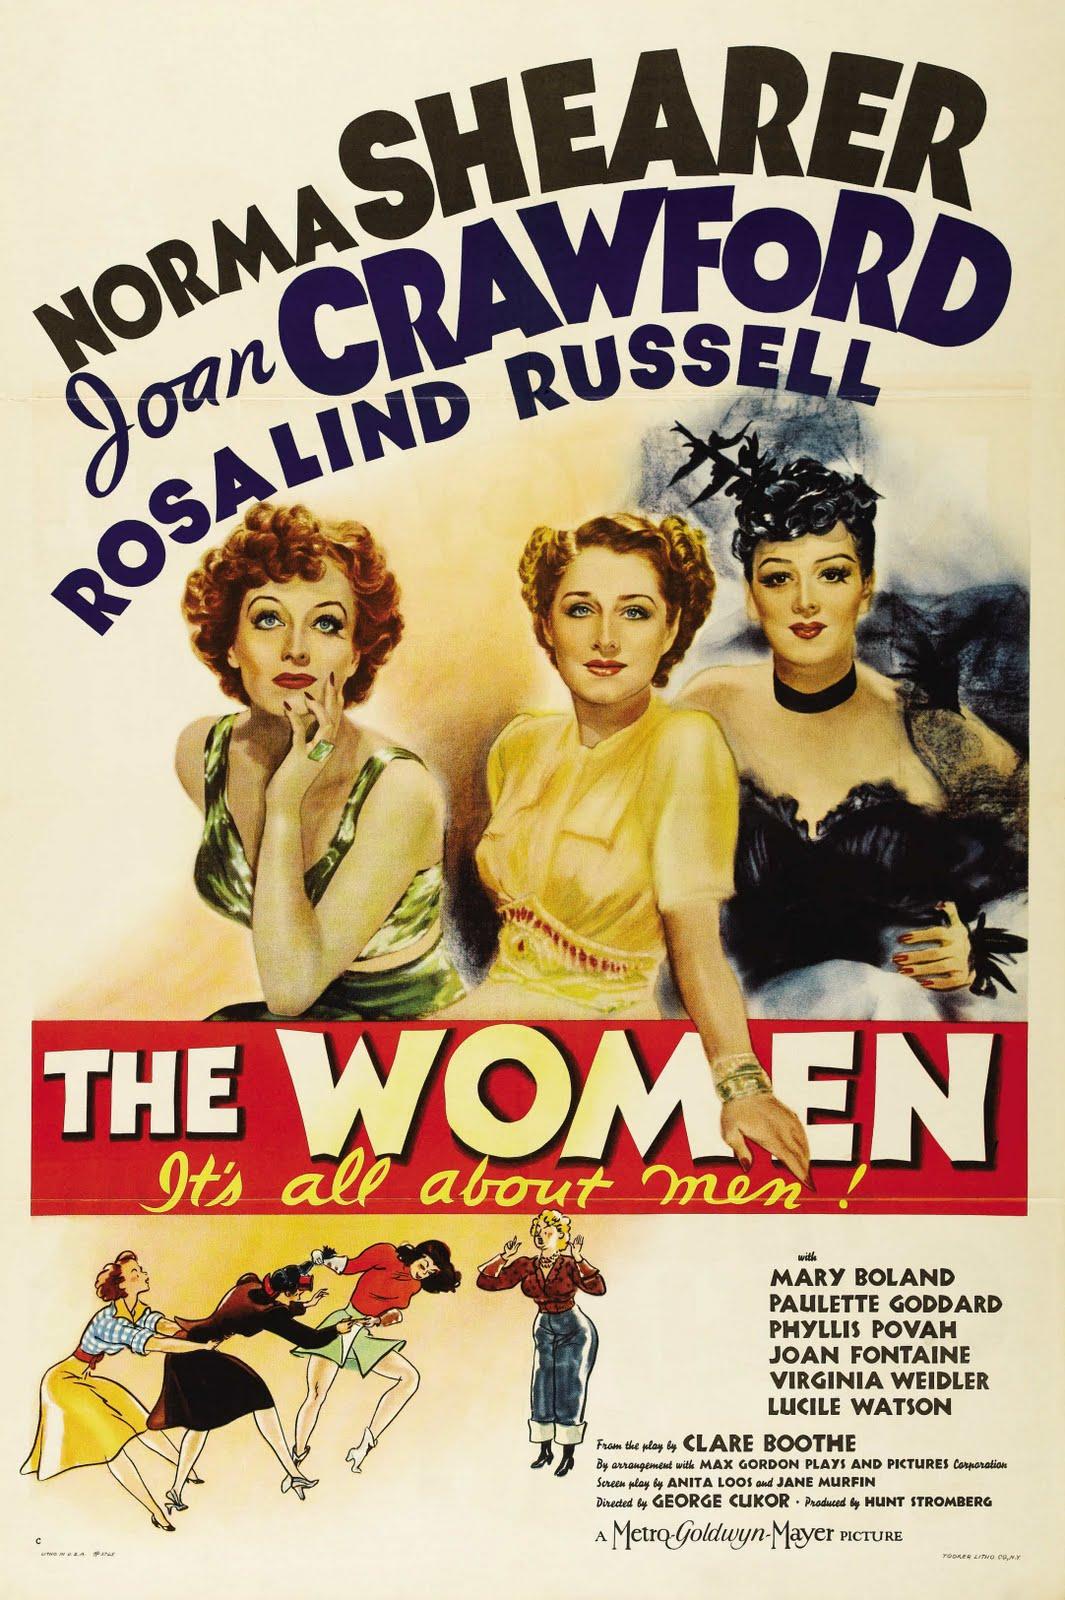 http://1.bp.blogspot.com/-6UvwYspg2n0/TkCqk8Dz2SI/AAAAAAAAJ4s/-SFRhg5-520/s1600/Women%2Bposter%2B1.jpg